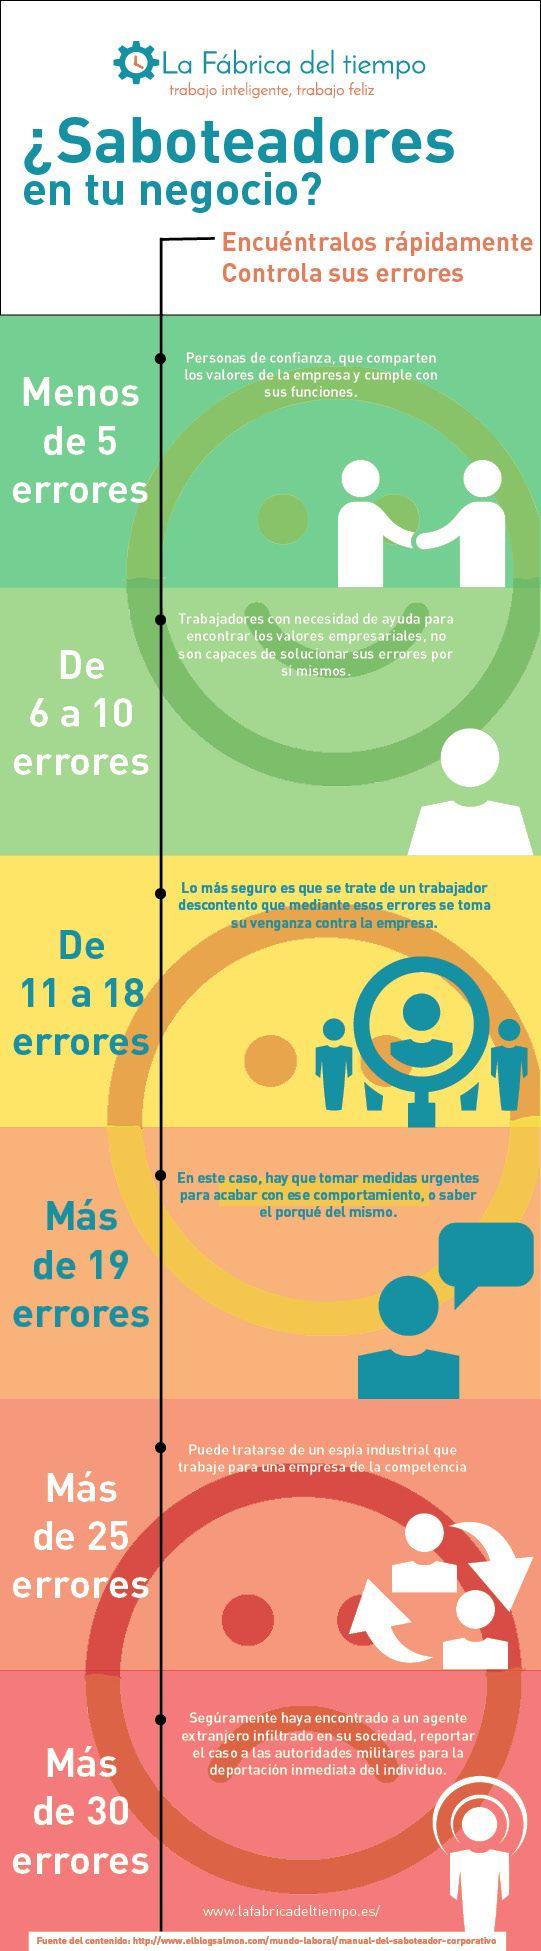 #Productividad #MejorRendimiento #Saboteadores #Productividad #Tiempo #Aprovechatutiempo #FabricaTiempo #Infografías